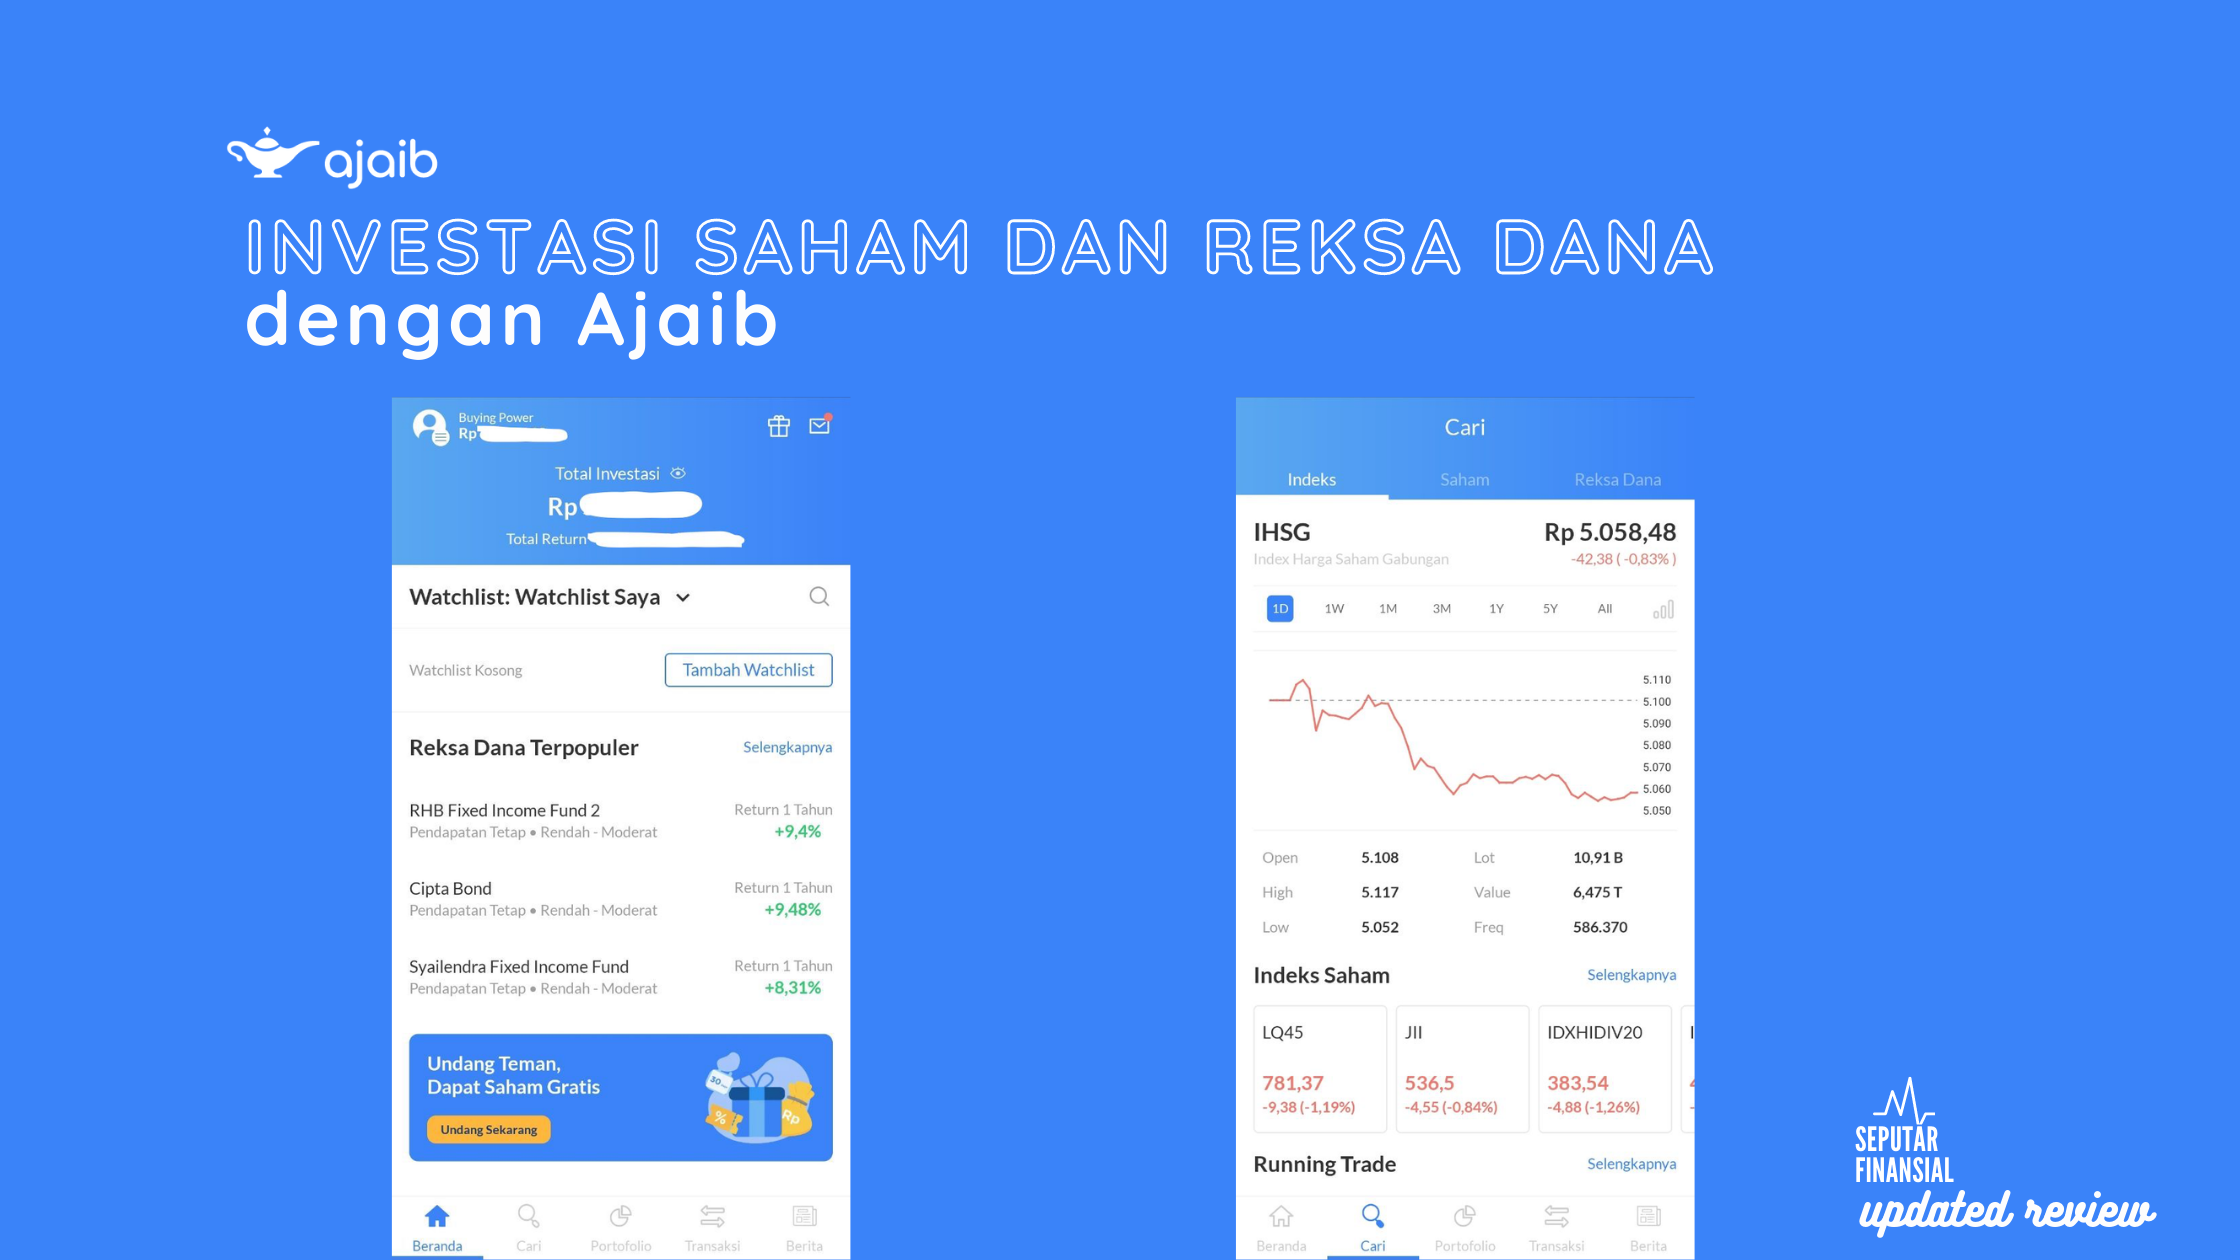 Review update: Investasi reksa dana DAN saham dengan Ajaib ...